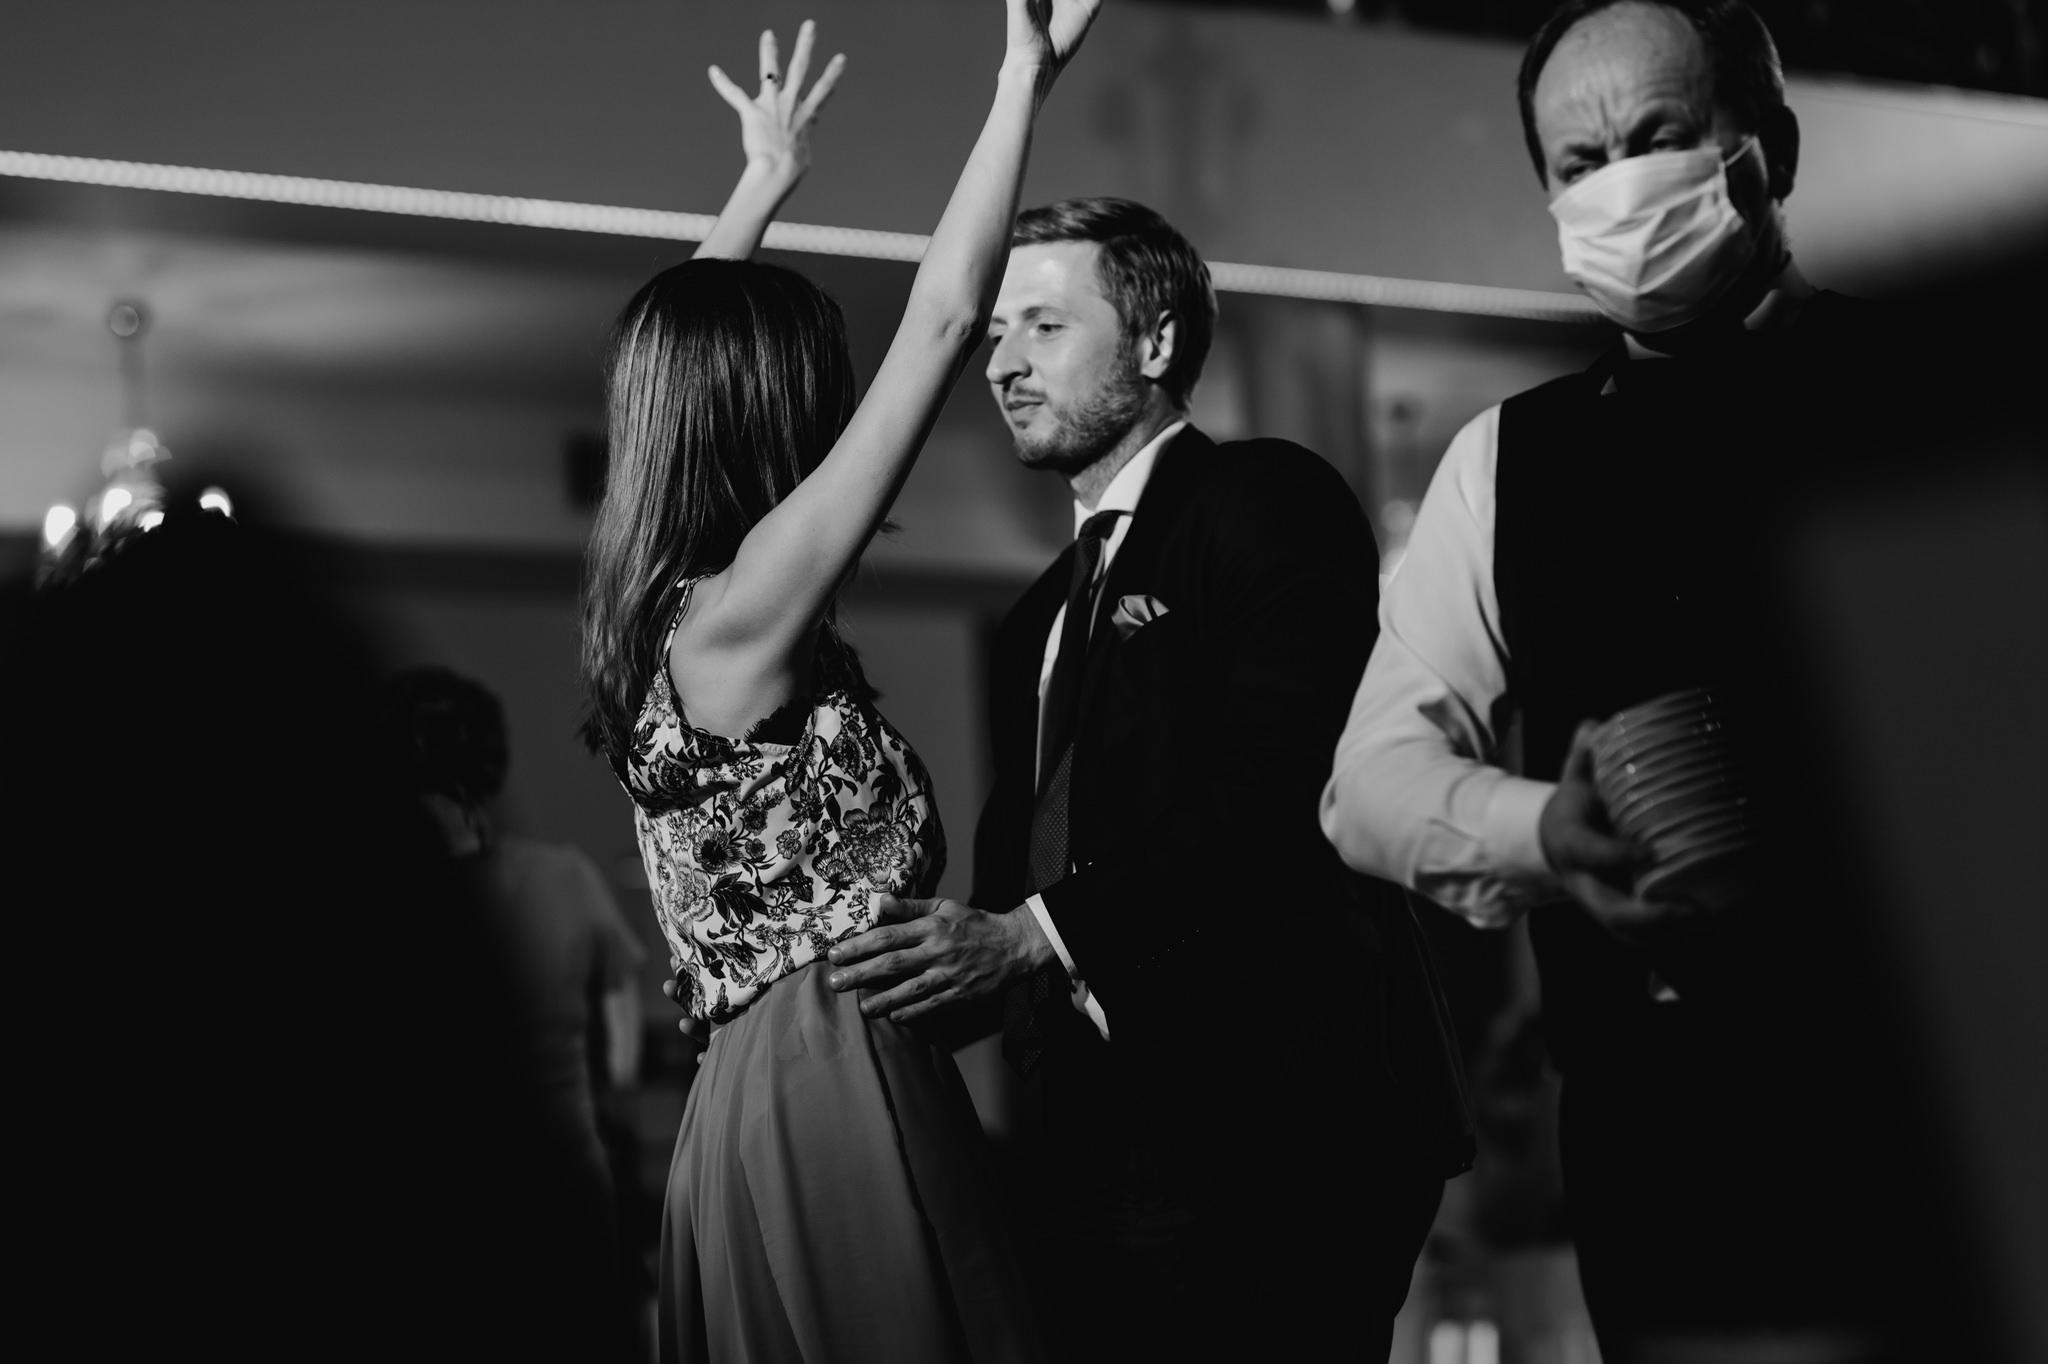 tańcząca para obok kelnera w maseczce